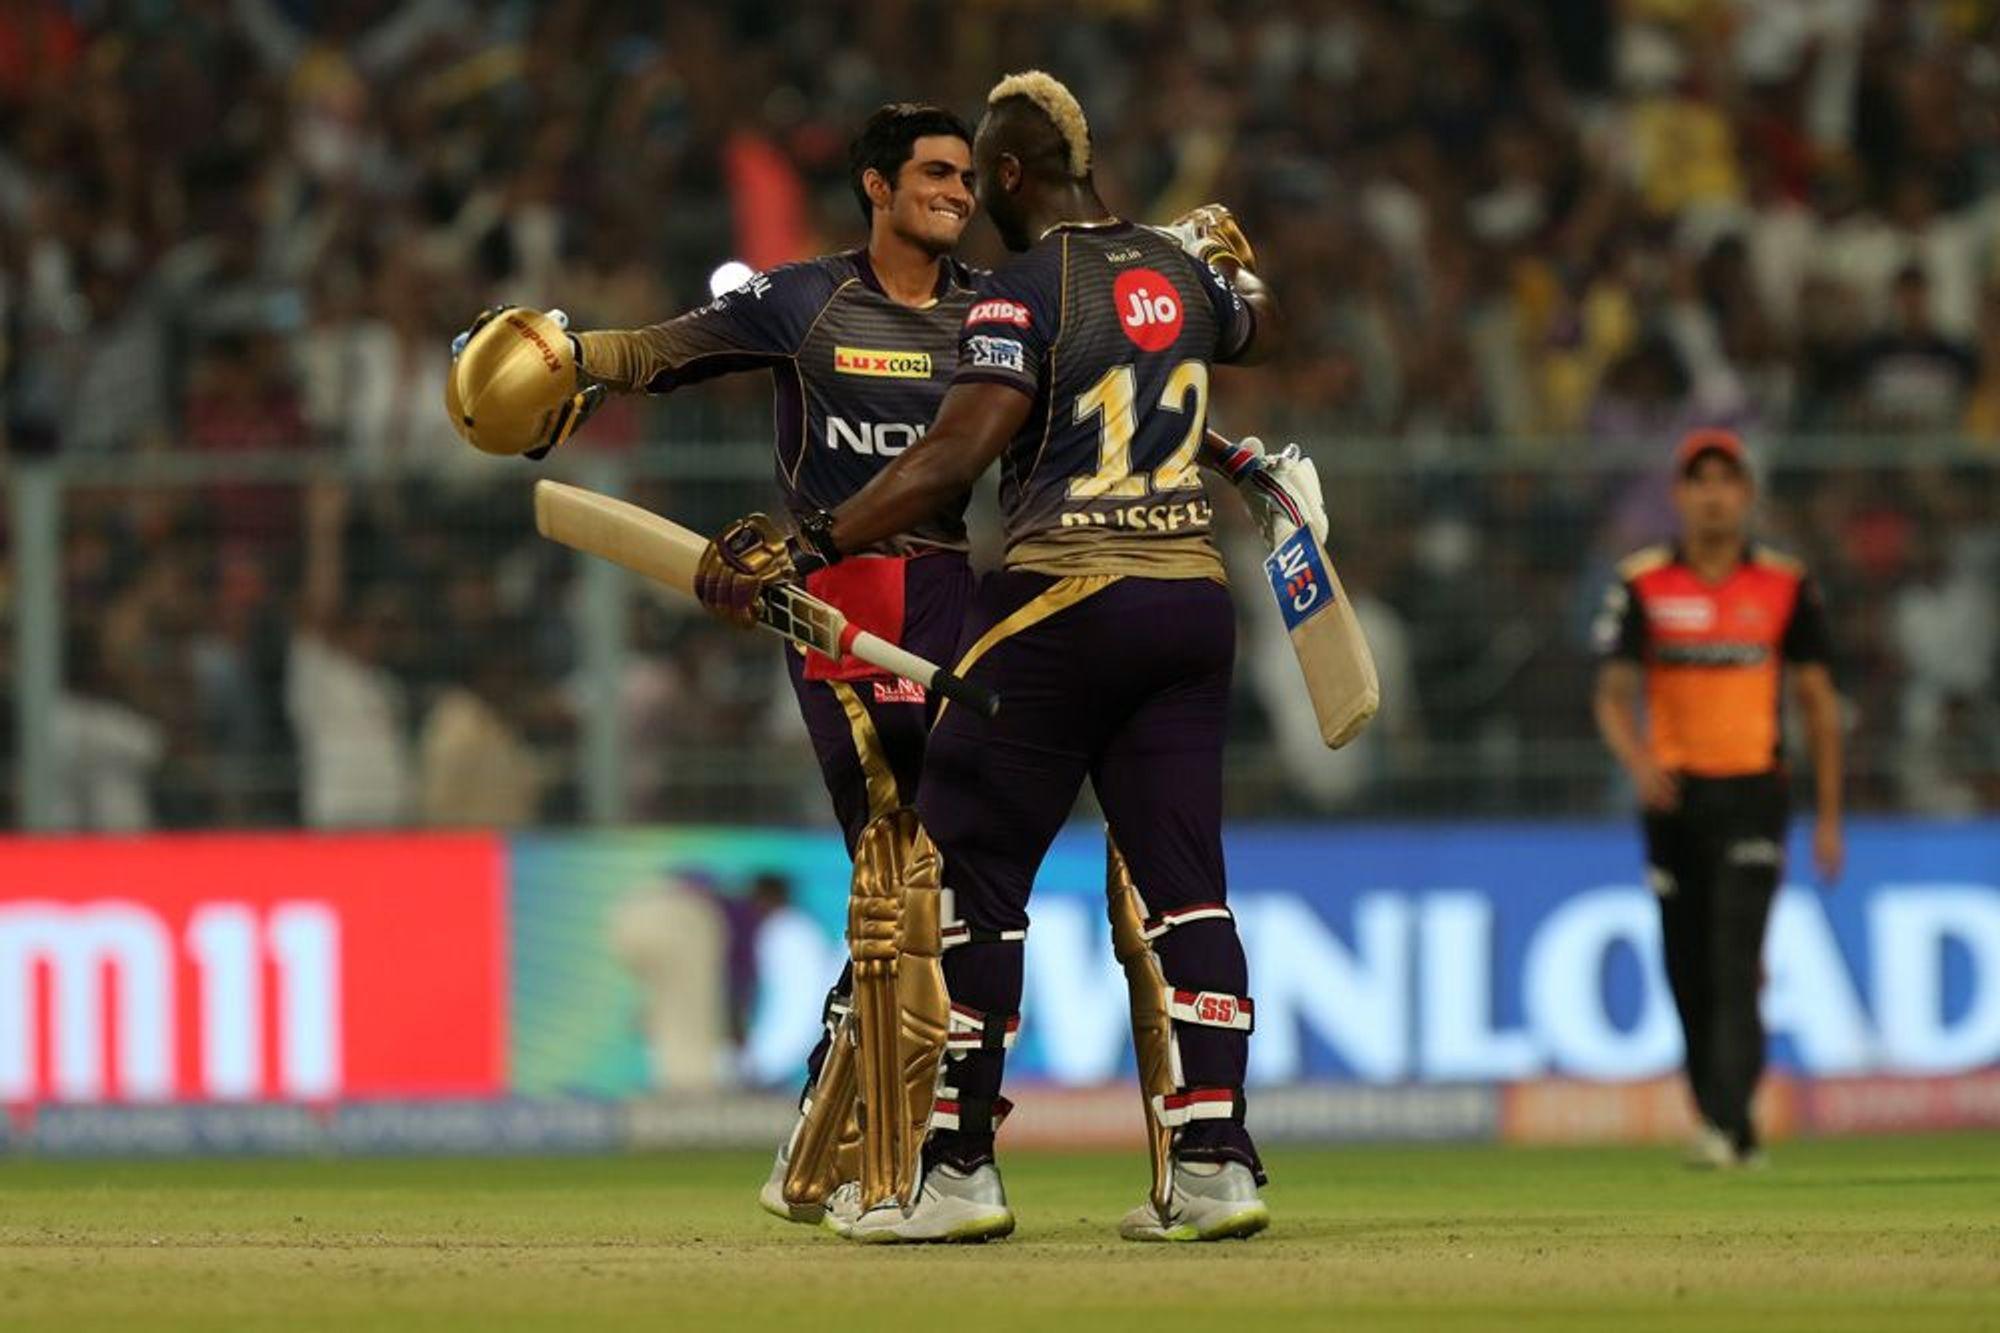 KKRvsSRH: मैच के अंतिम ओवर में दो छक्के जड़कर सोशल मीडिया पर छाए शुभमन गिल, लोगों ने कही ये बात 5